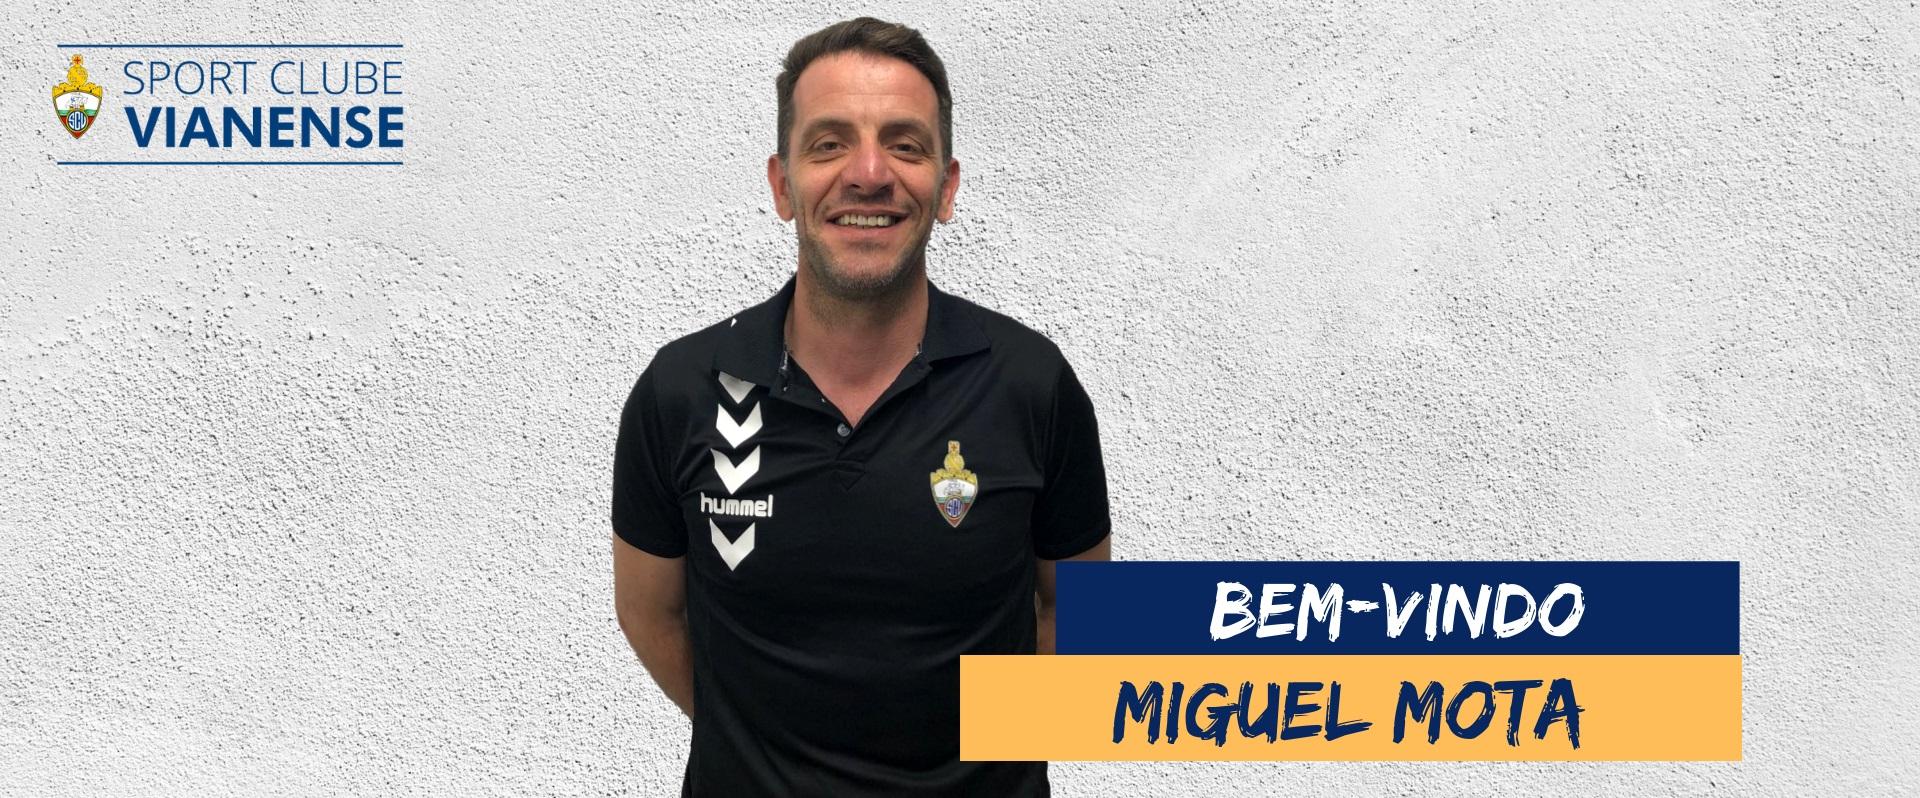 Direção do Vianense aposta em Miguel Mota para treinador da nova época